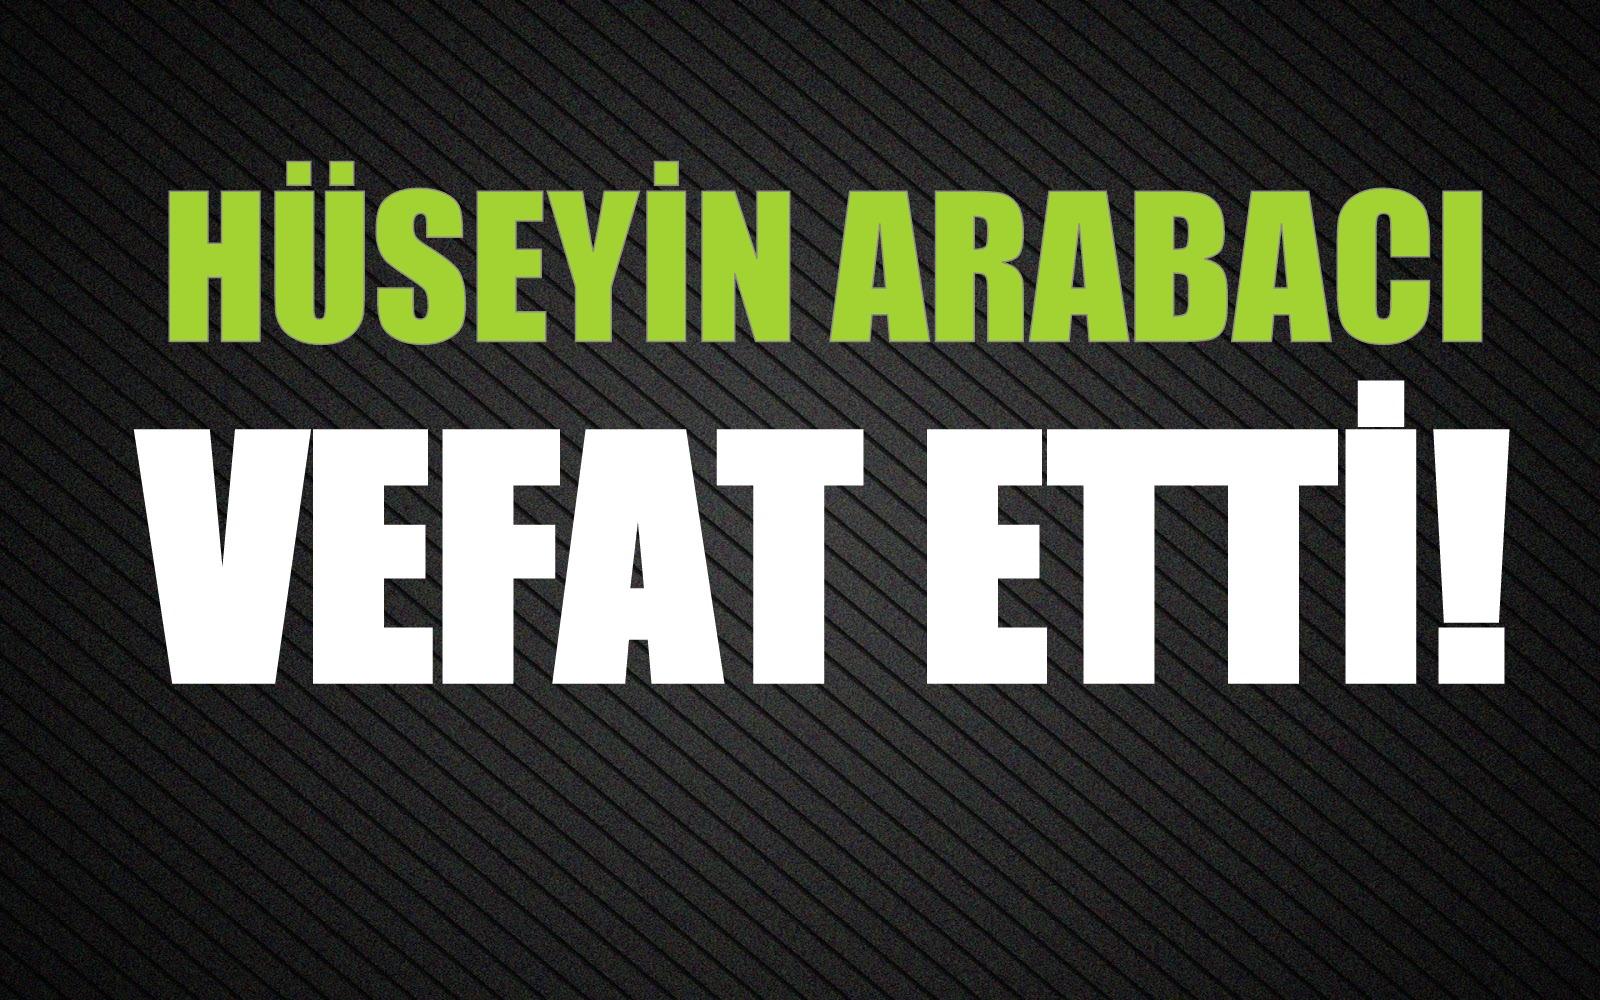 ARABACI AİLESİNİN ACI GÜNÜ!..